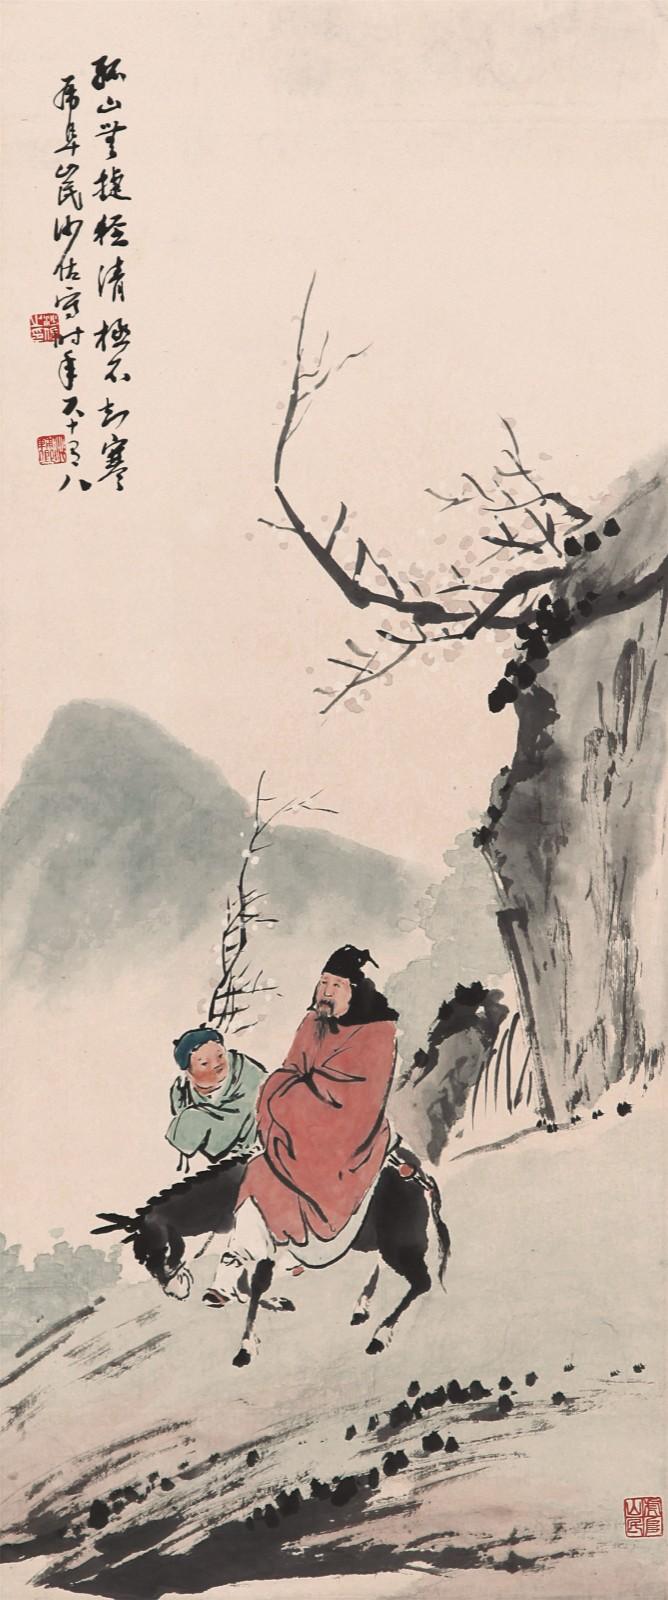 【收藏「琪」观】仙人指路 孤山有梅